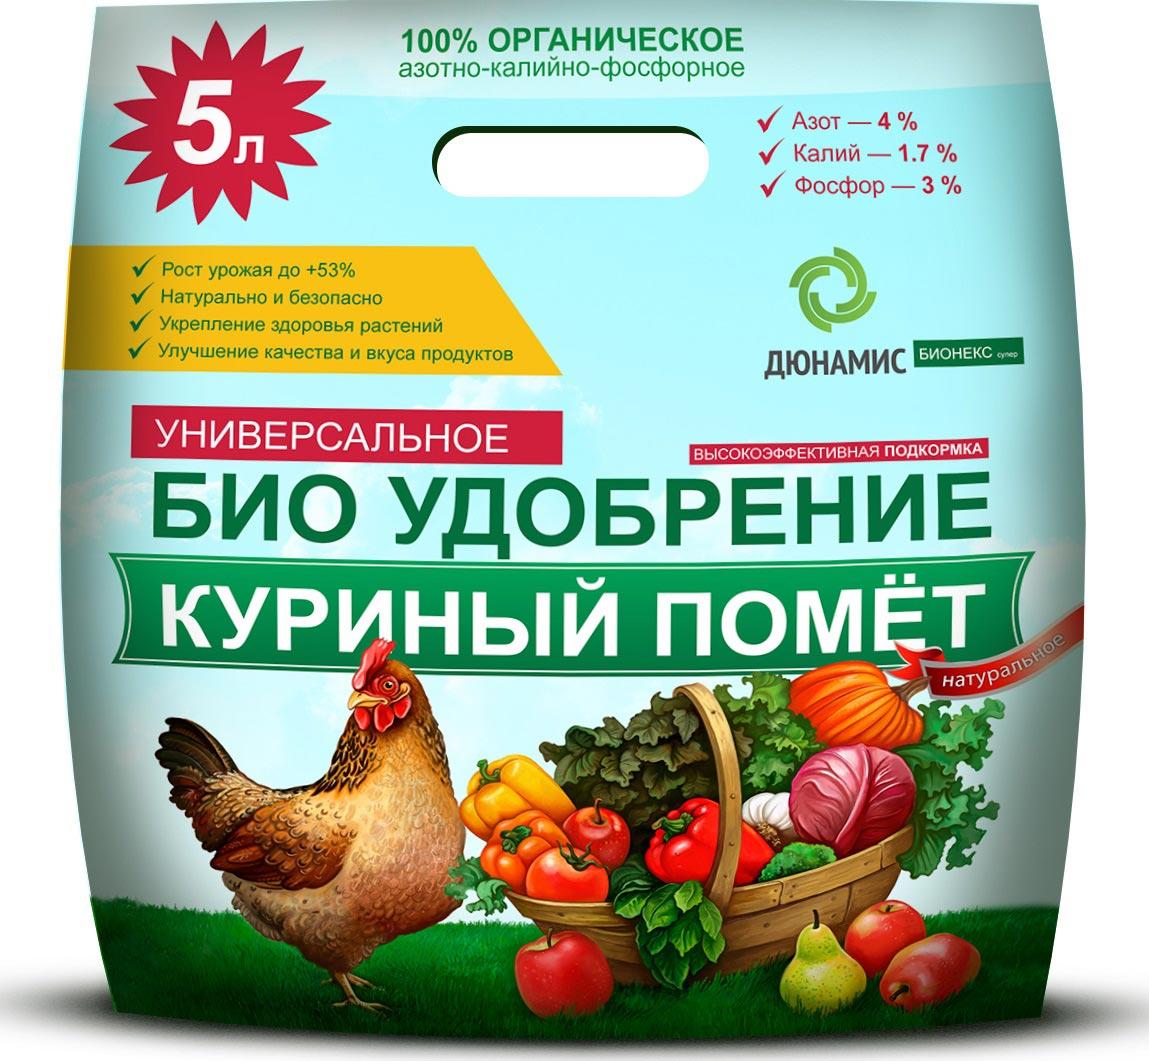 №2 - «Куриный помёт» - проверенное временем органическое удобрение фото